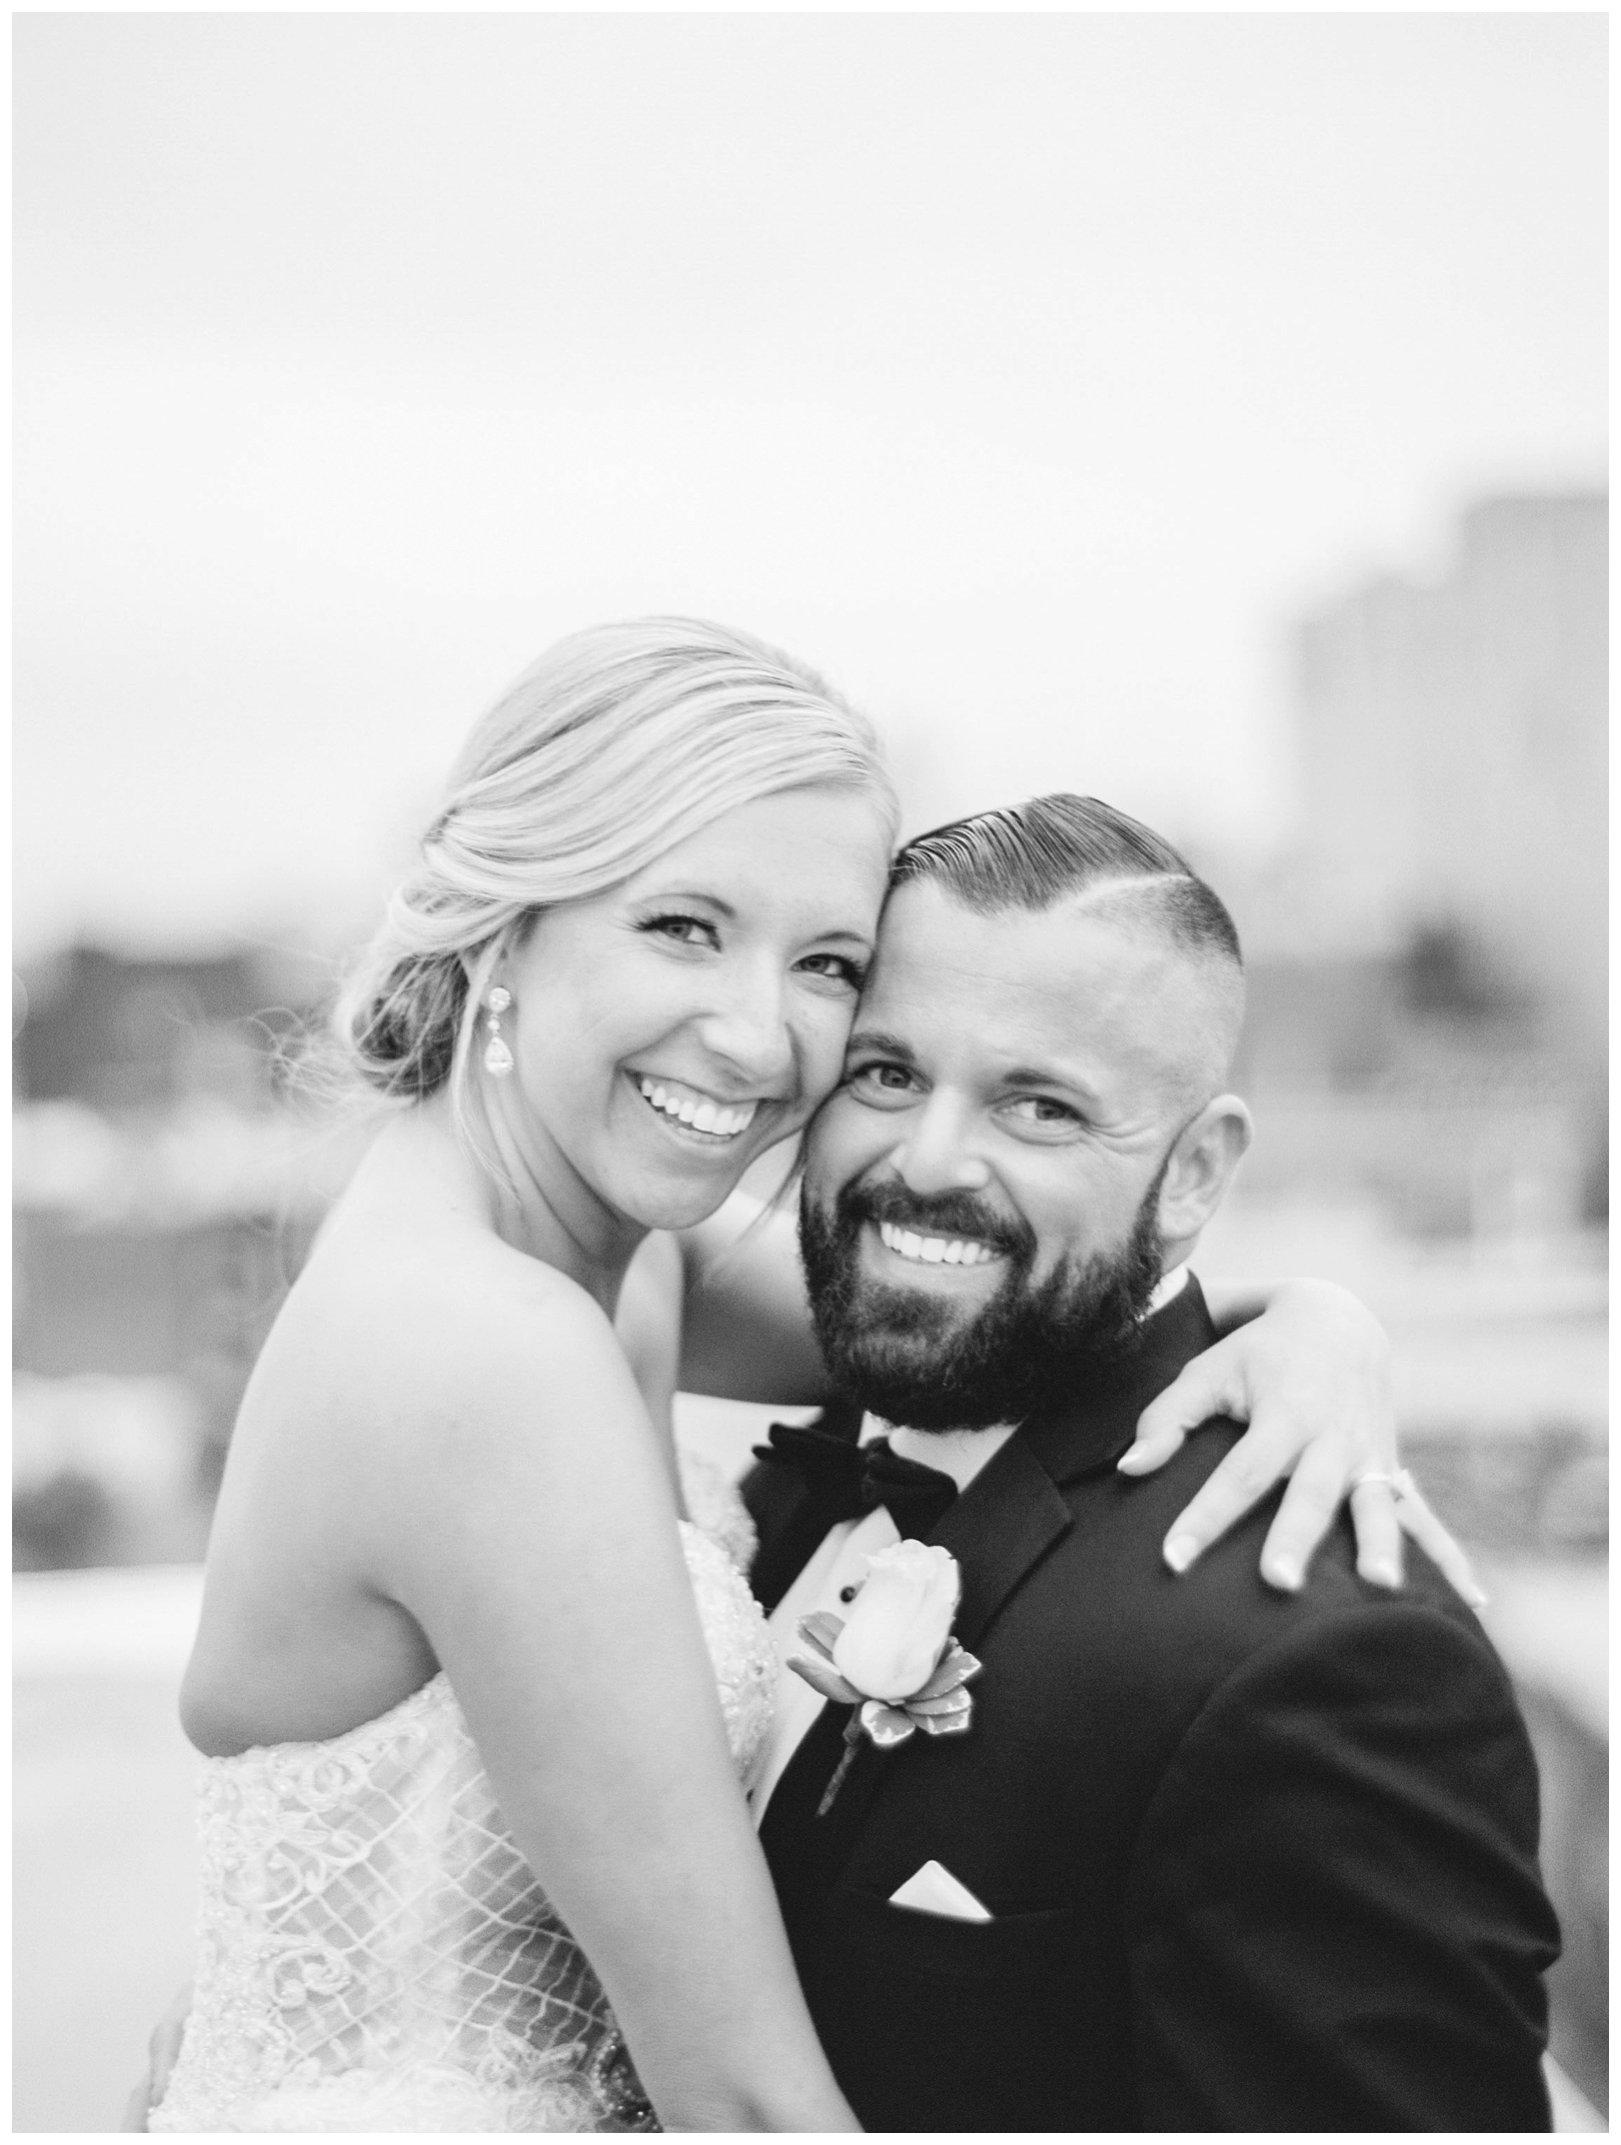 lauren muckler photography_fine art film wedding photography_st louis_photography_2163.jpg